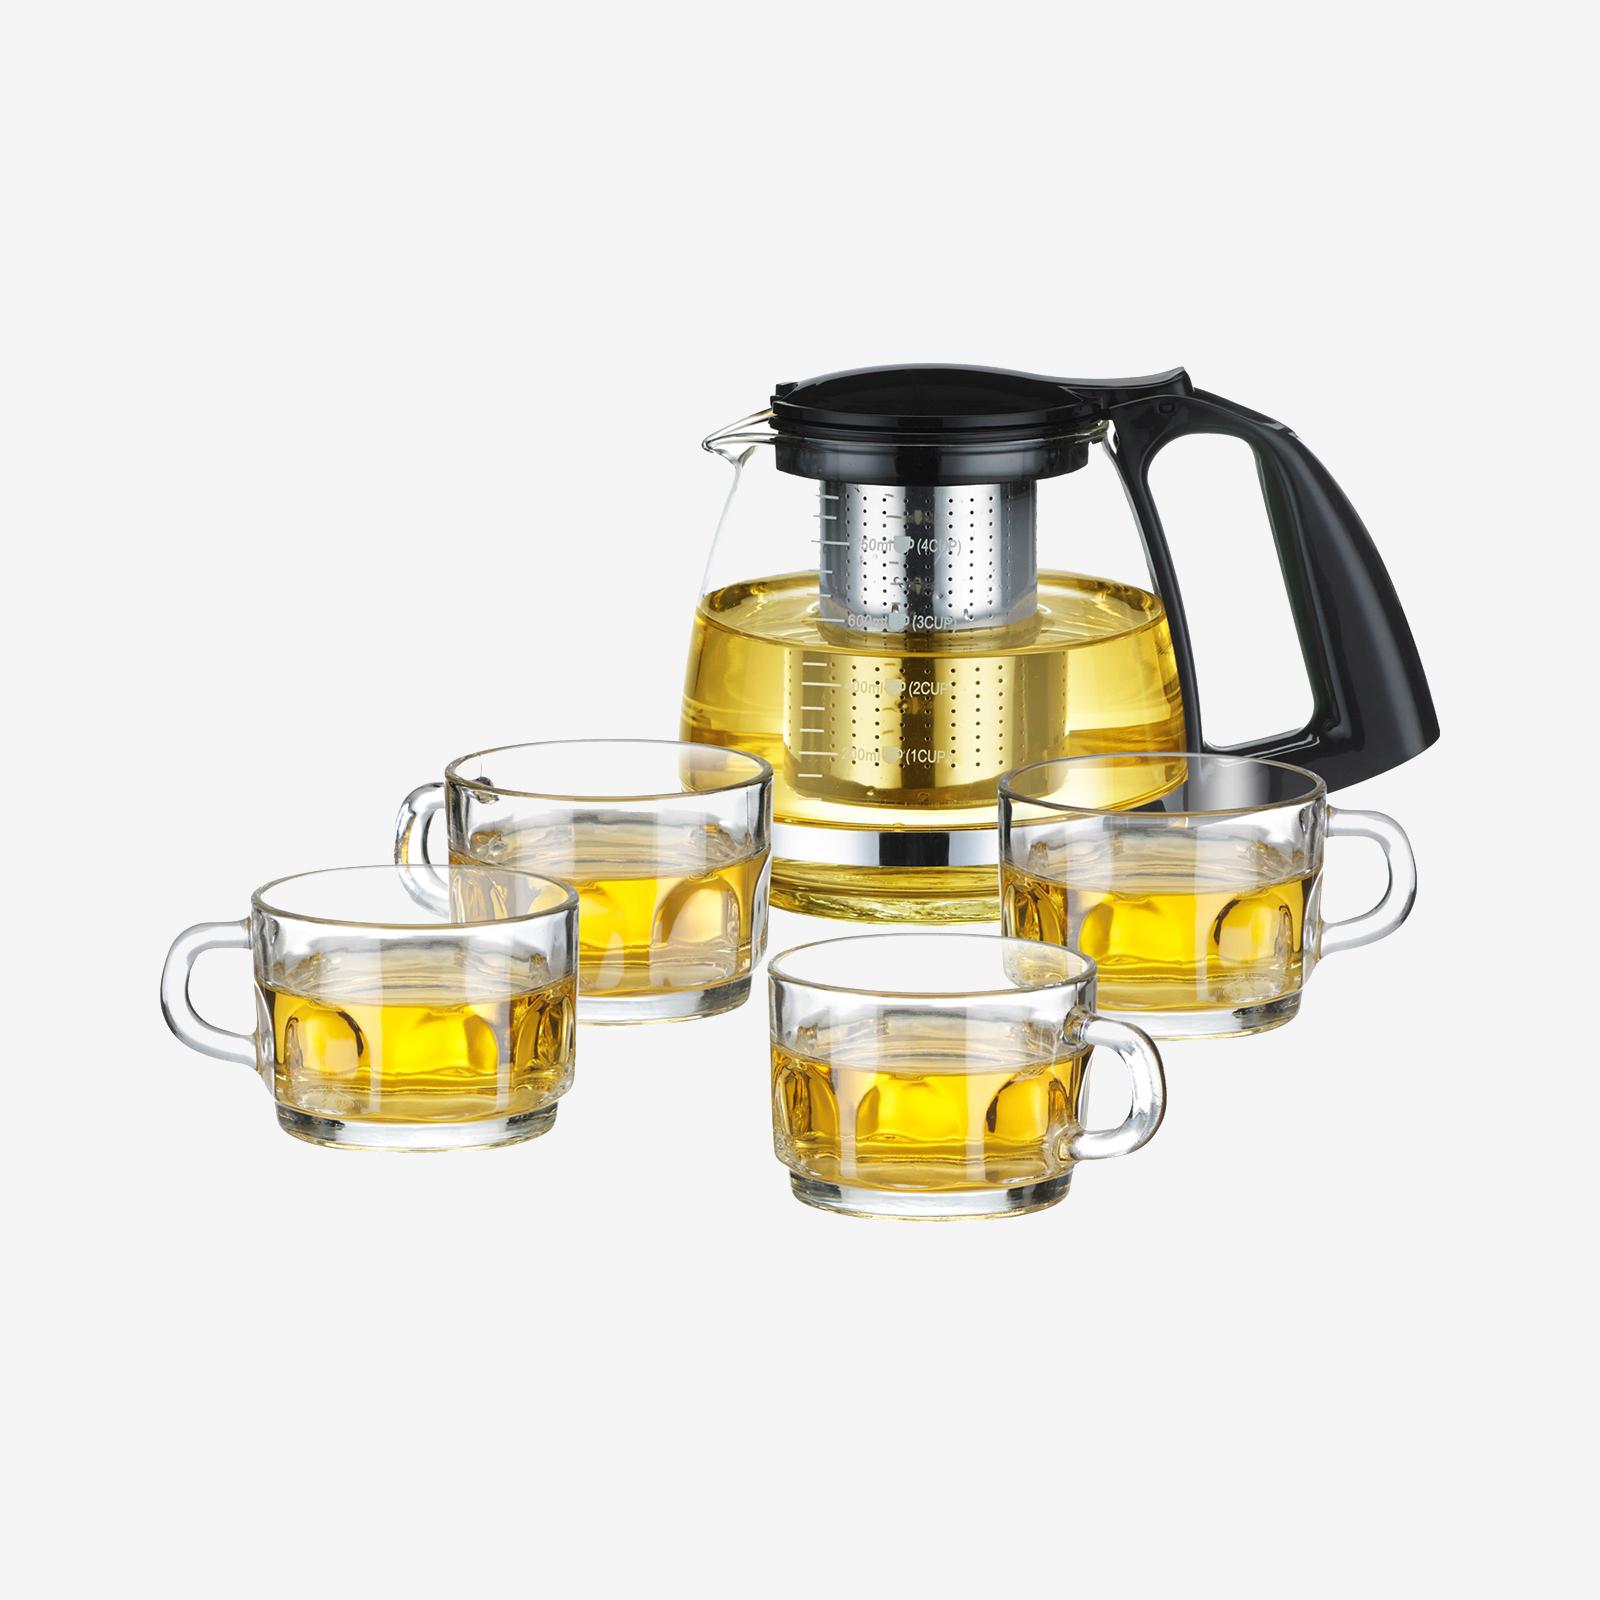 Чайный набор от Calve, 5 предметов